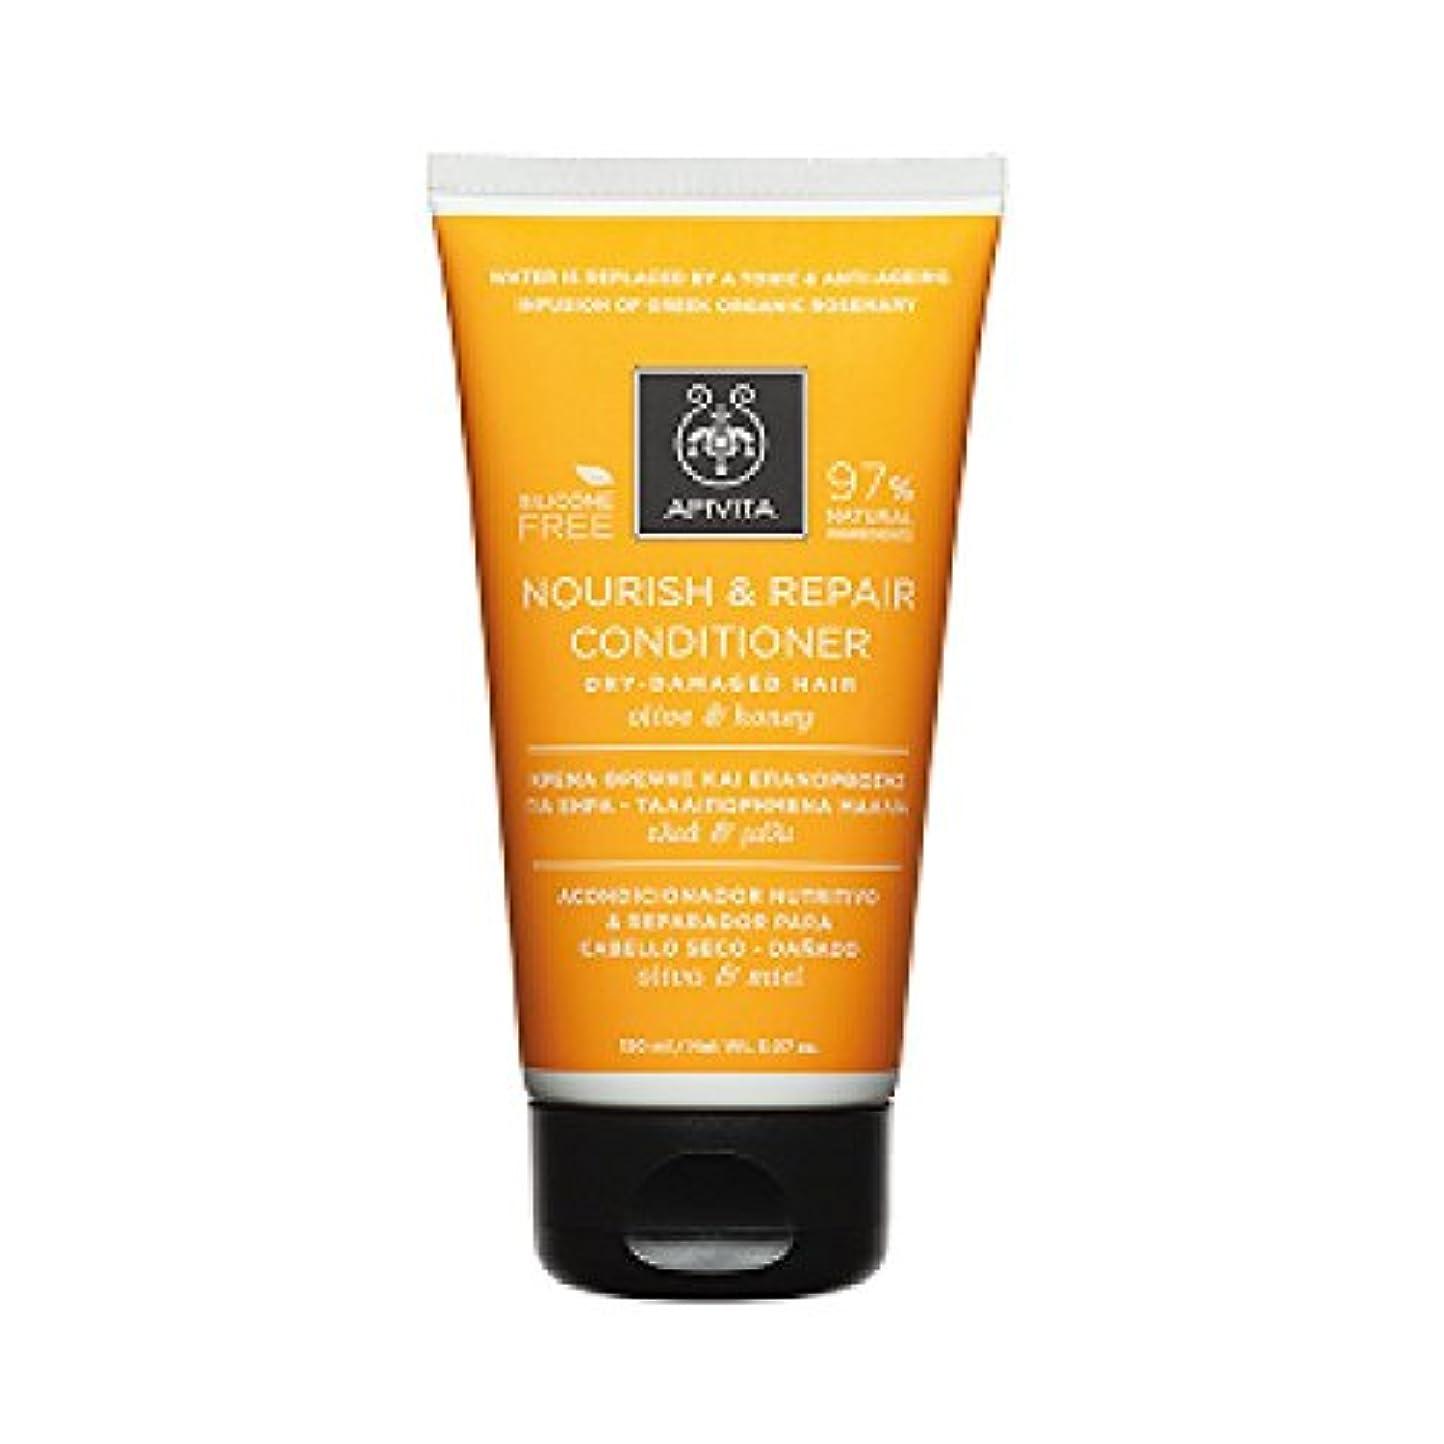 宿泊施設パスタ浮くアピヴィータ Nourish & Repair Conditioner with Olive & Honey (For Dry-Damaged Hair) 150ml [並行輸入品]